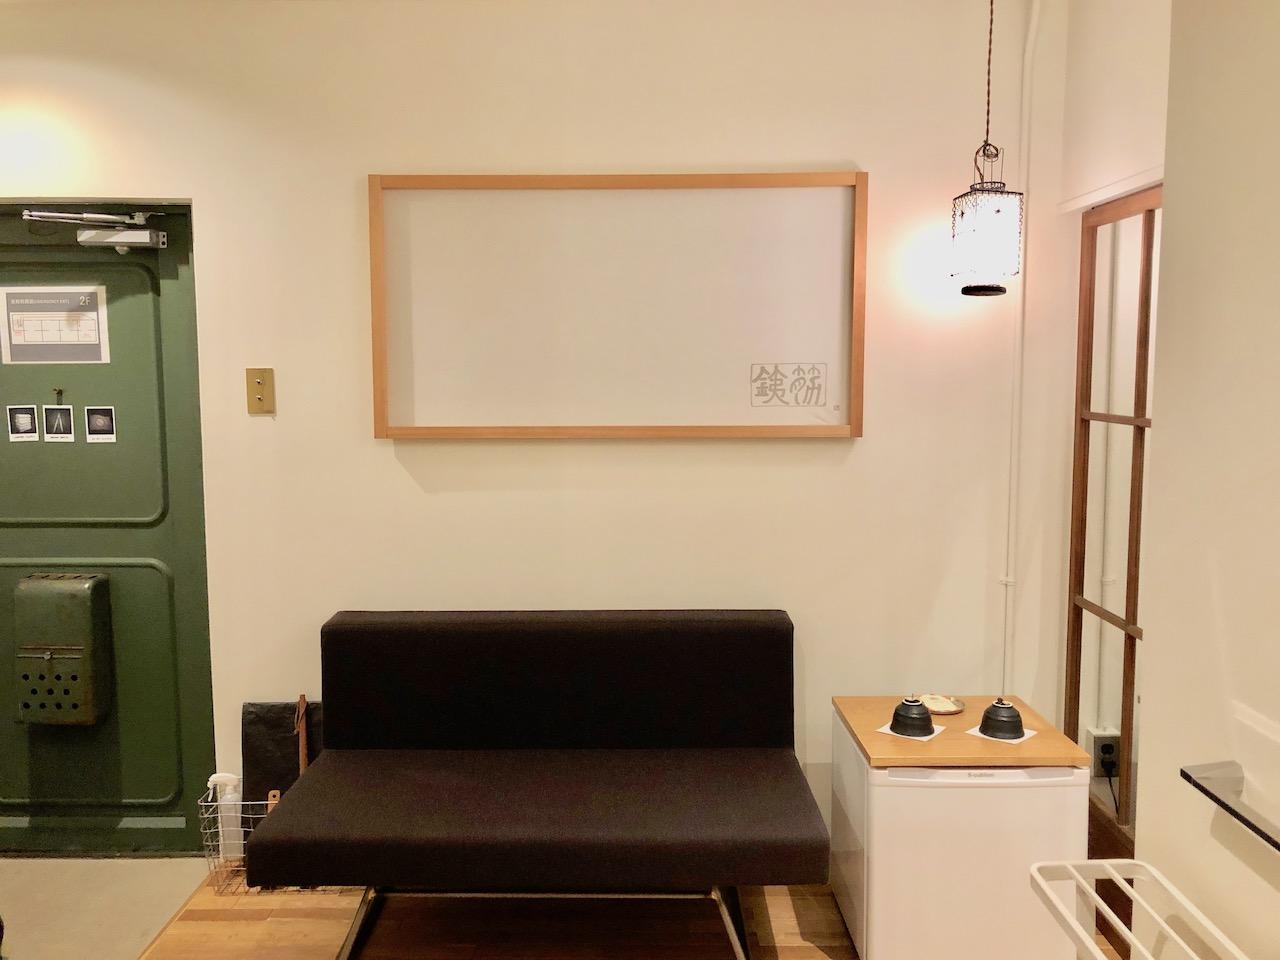 RC HOTEL 京都八坂ドア